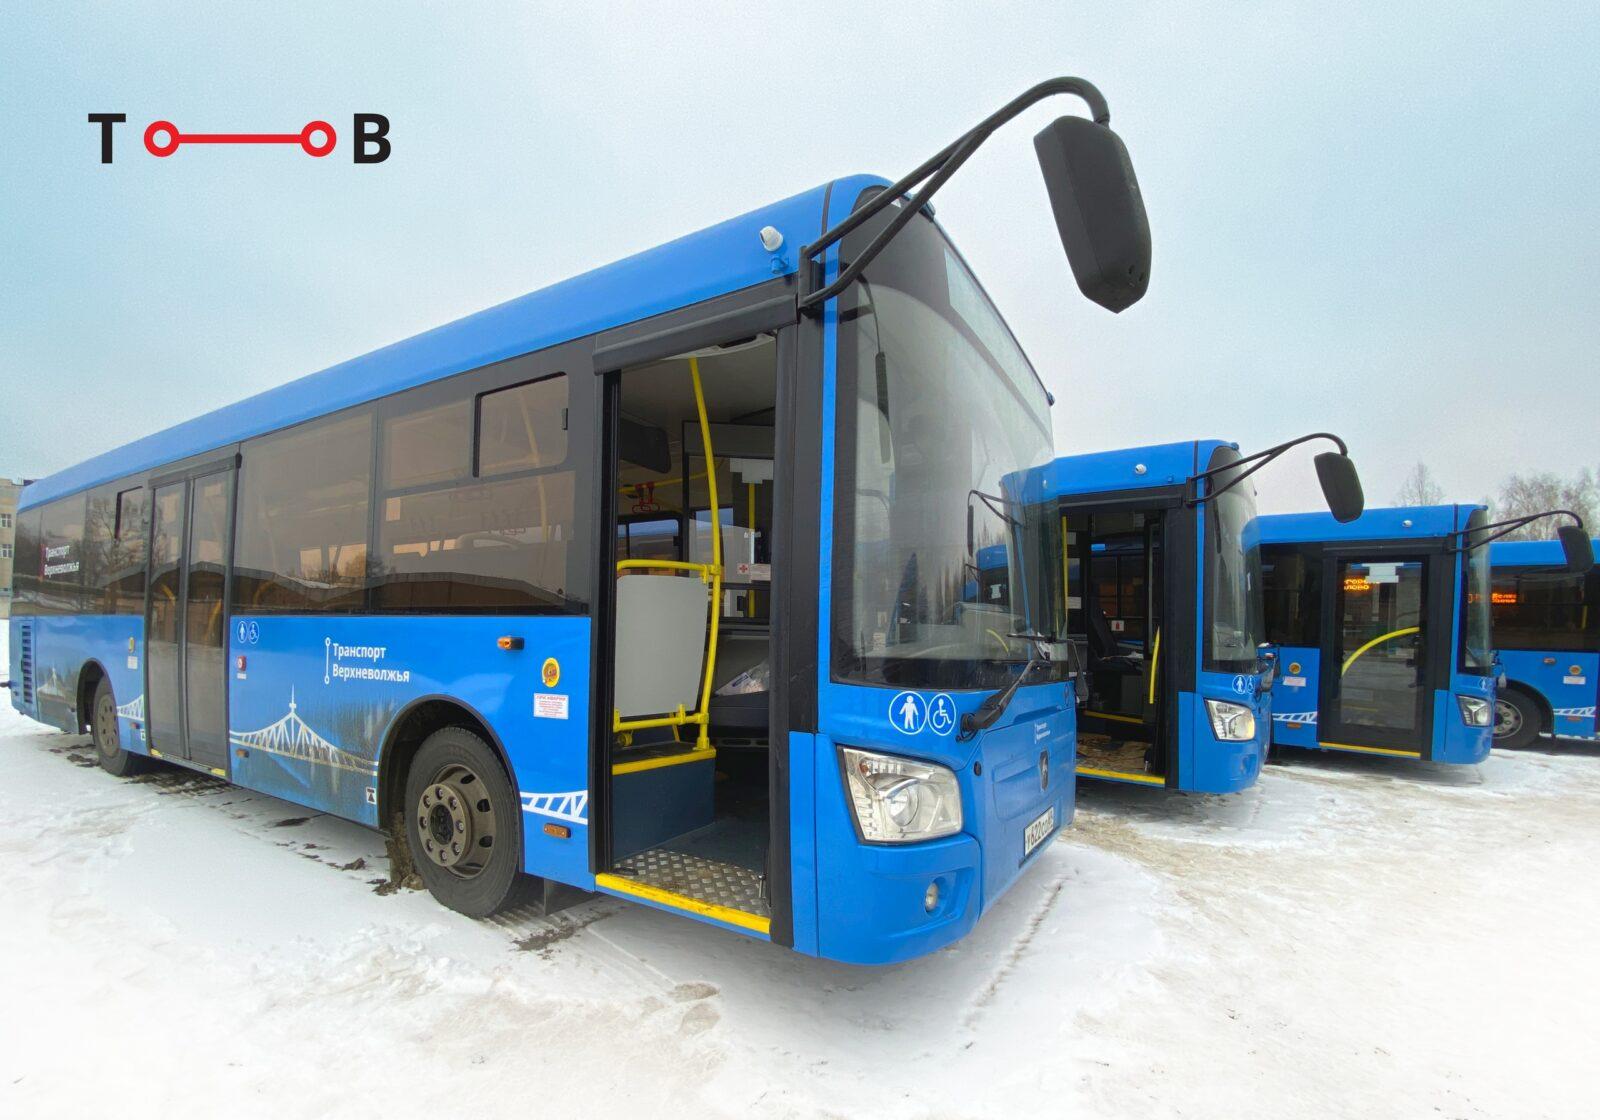 25 февраля в Твери запускают бесплатный автобусный маршрут